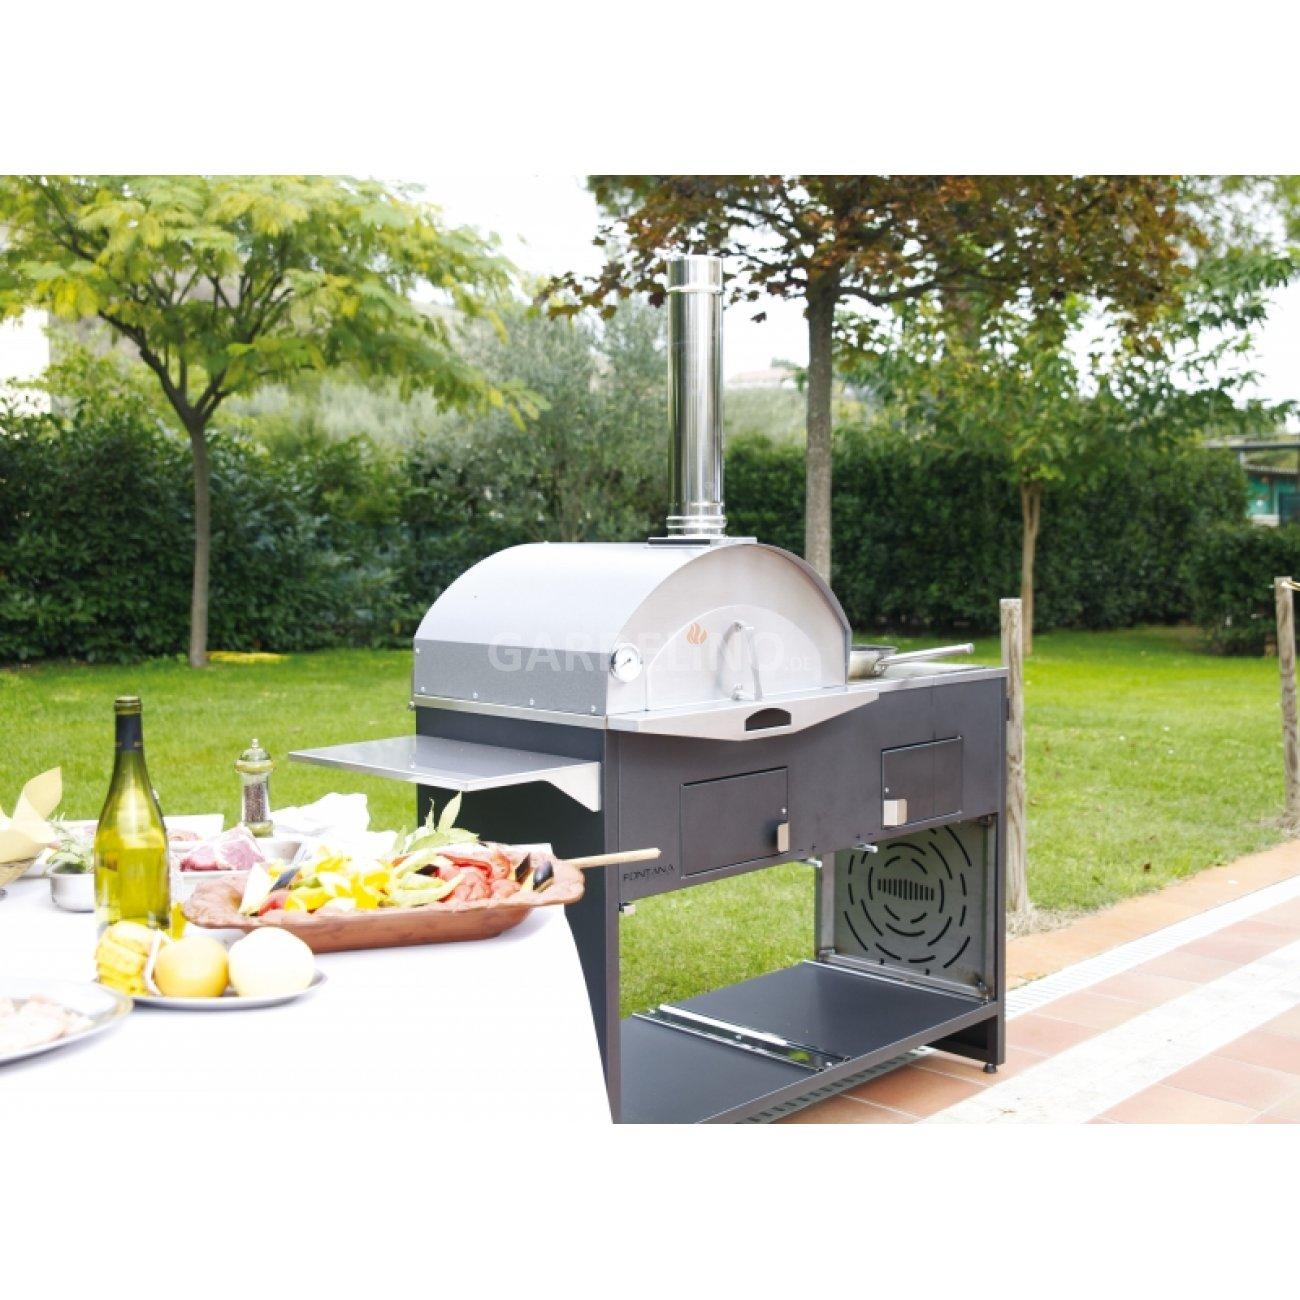 fontana doppio grill pizzaofen kombination, Garten und erstellen